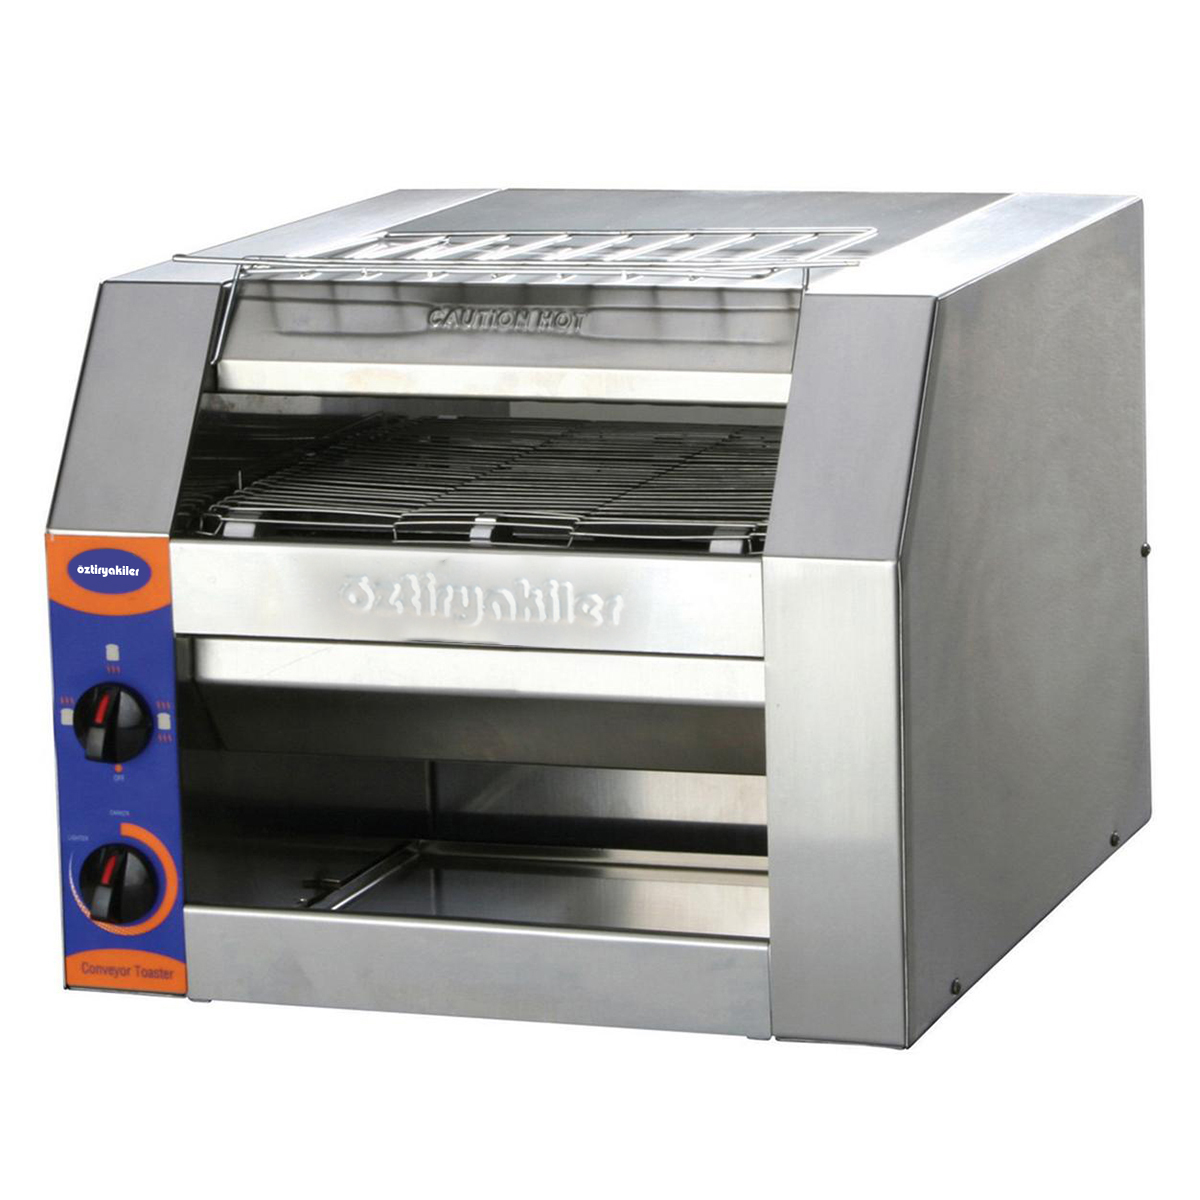 Öztiryakiler Ekmek Kızartma Makinesi